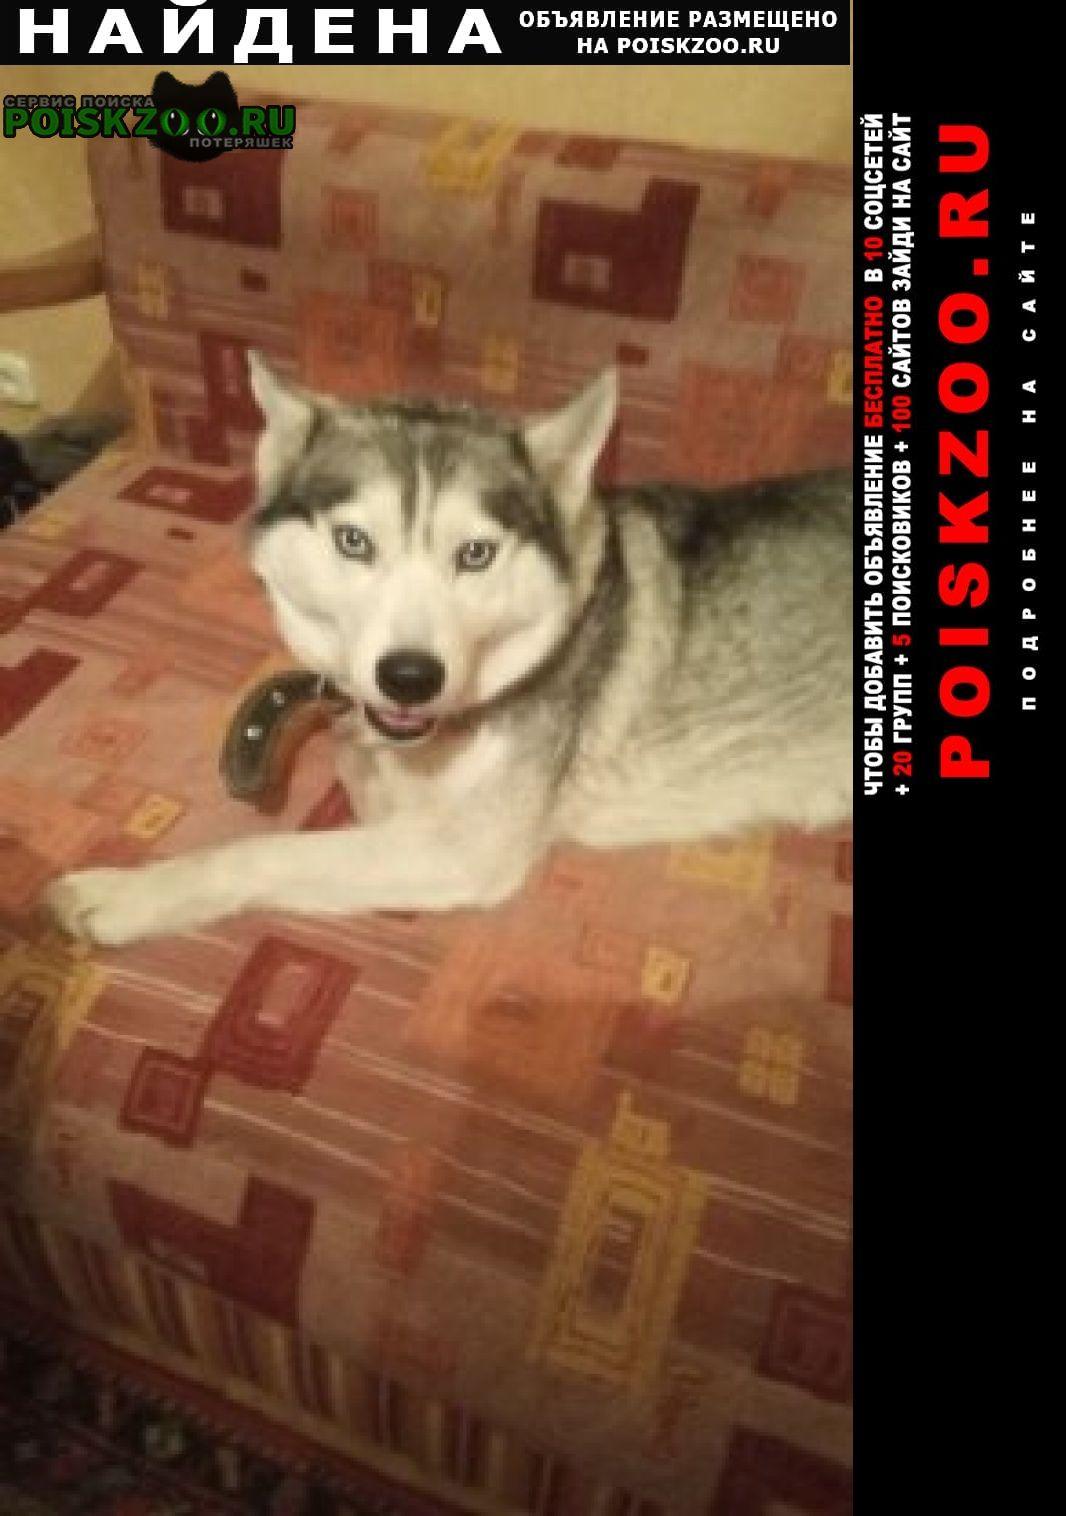 Найдена собака Пятигорск